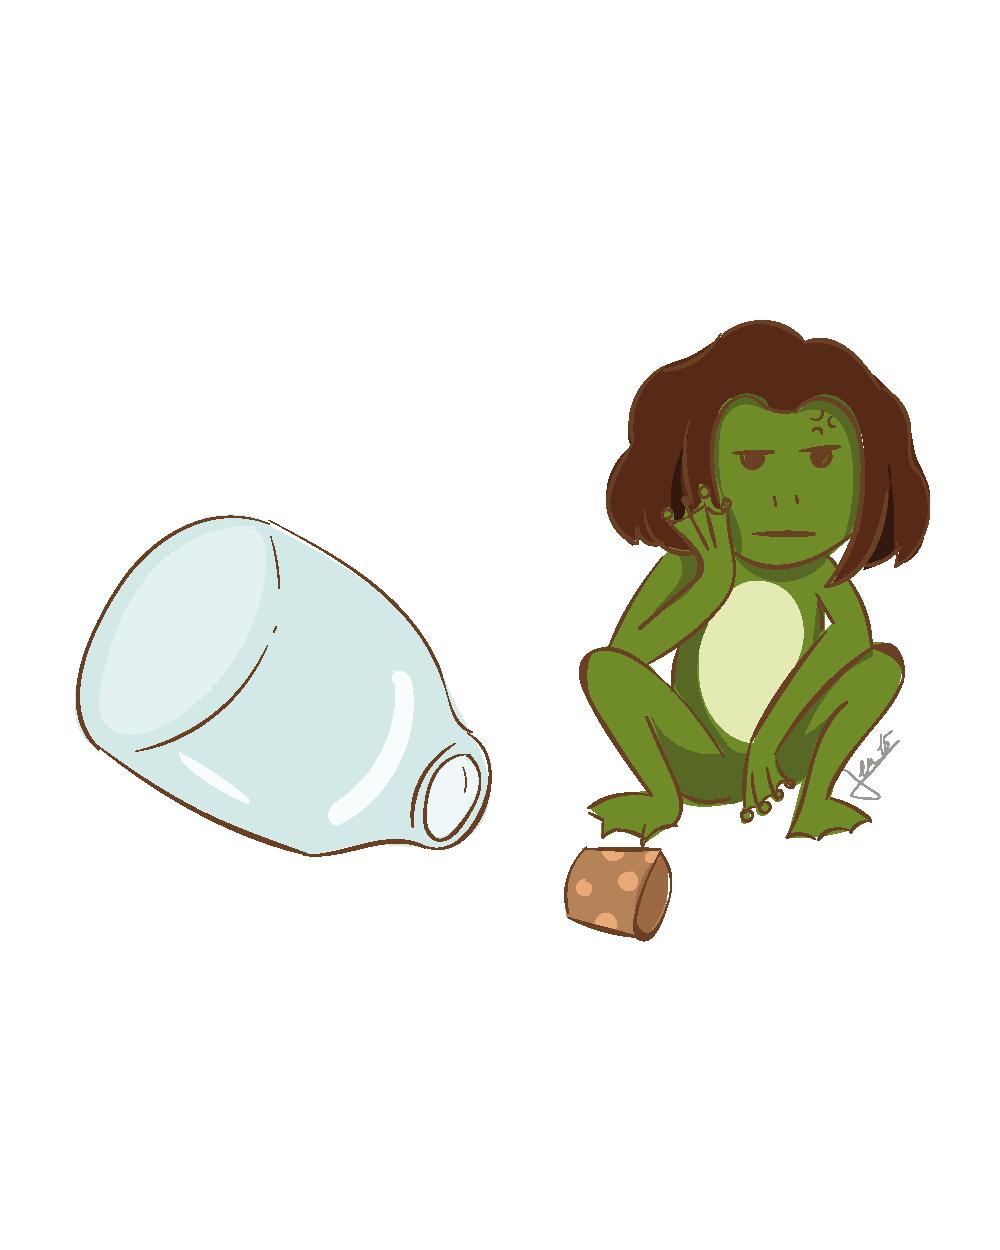 Ex. 1 La potion-grenouille